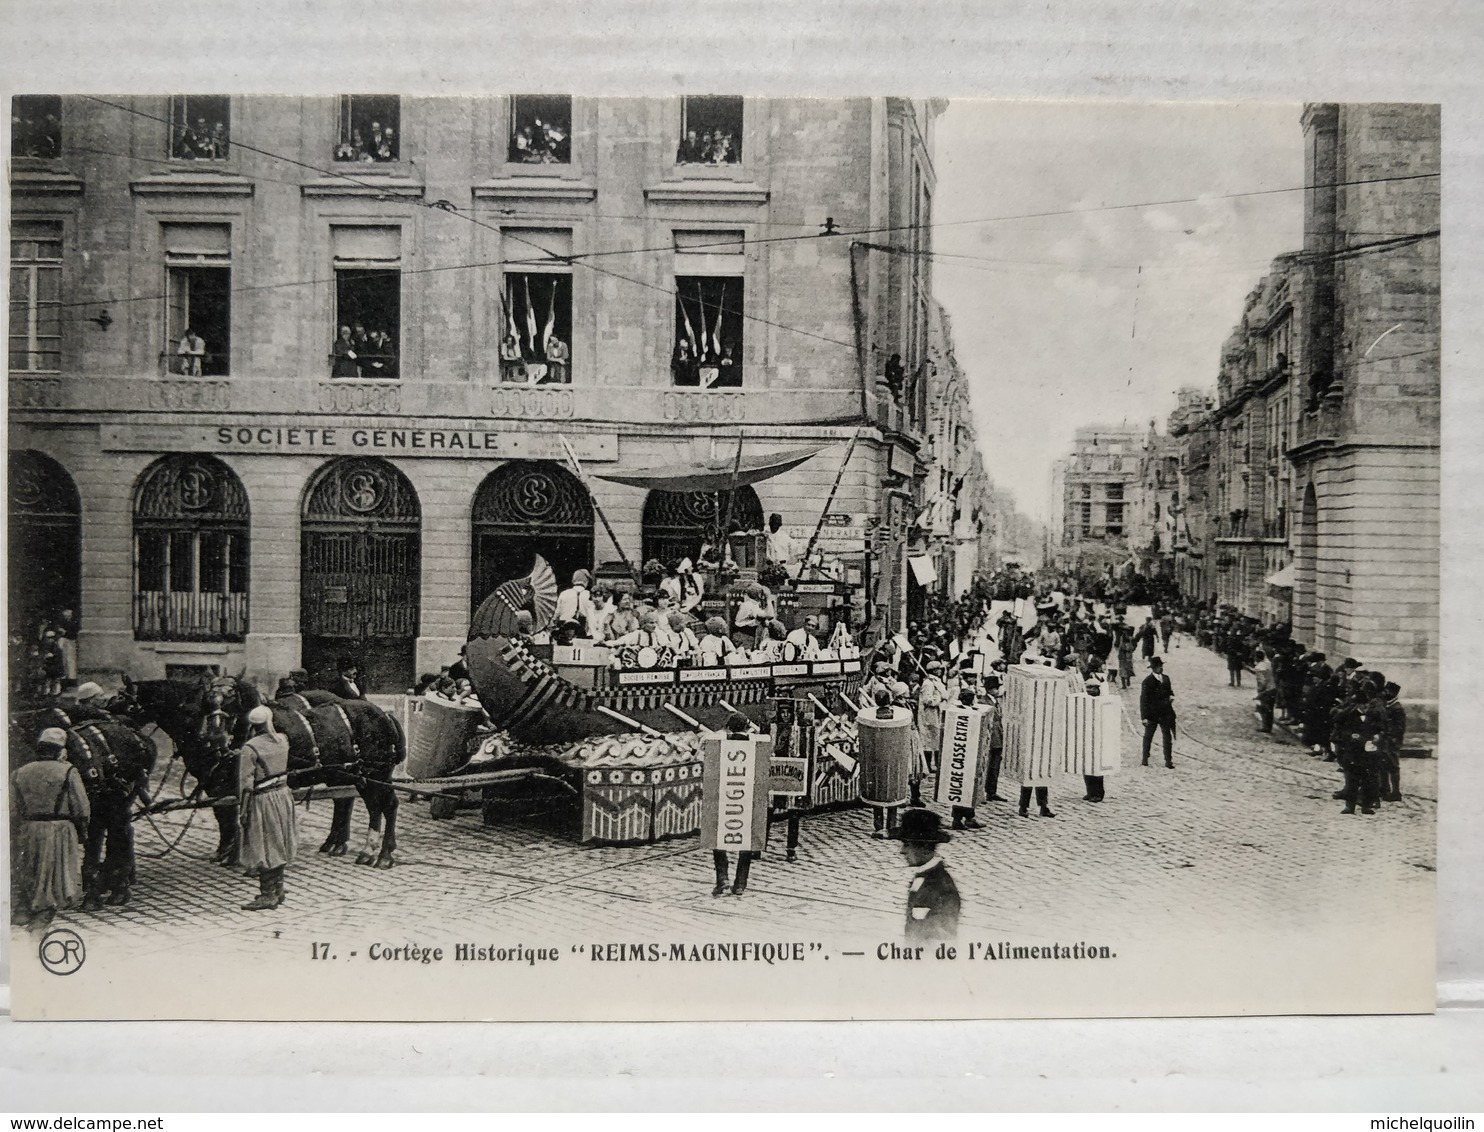 Cortège Historique. Reims Magnifique. Char De L'Alimentation - Reims